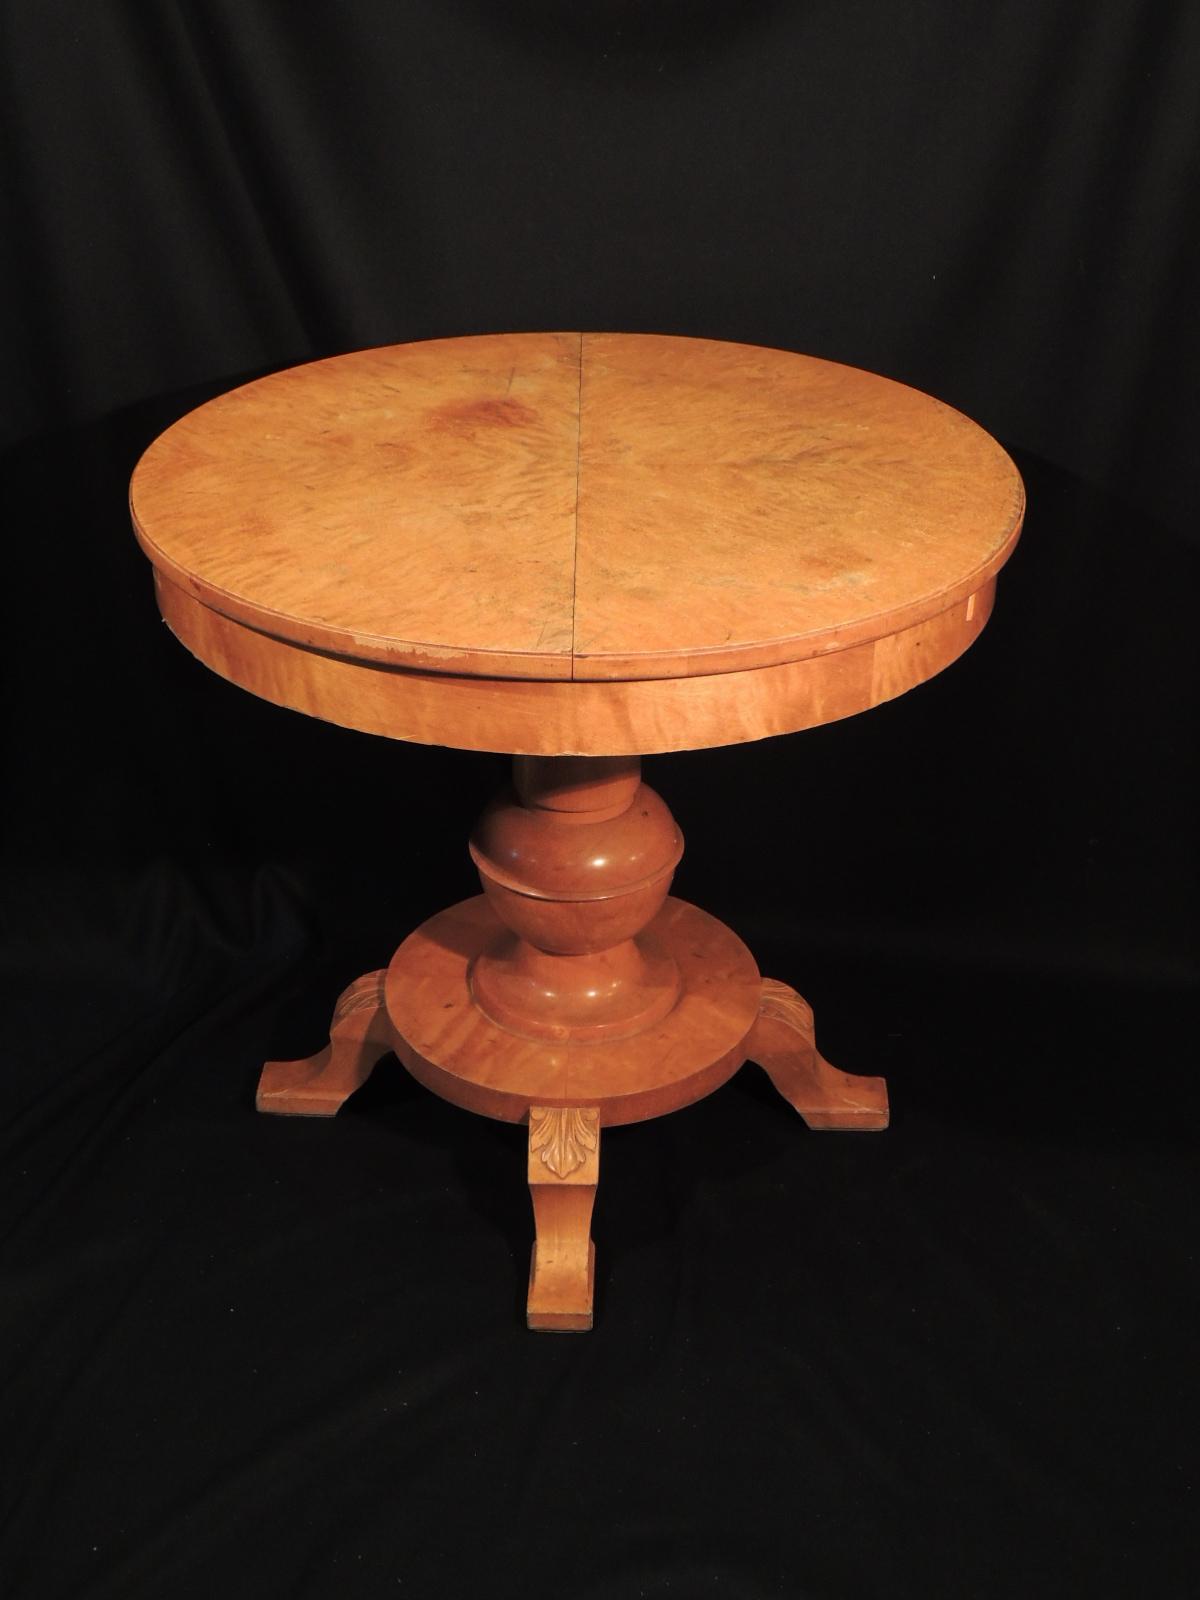 Usato vecchio antico di molinelli francesco - Tavolo tondo estensibile ...